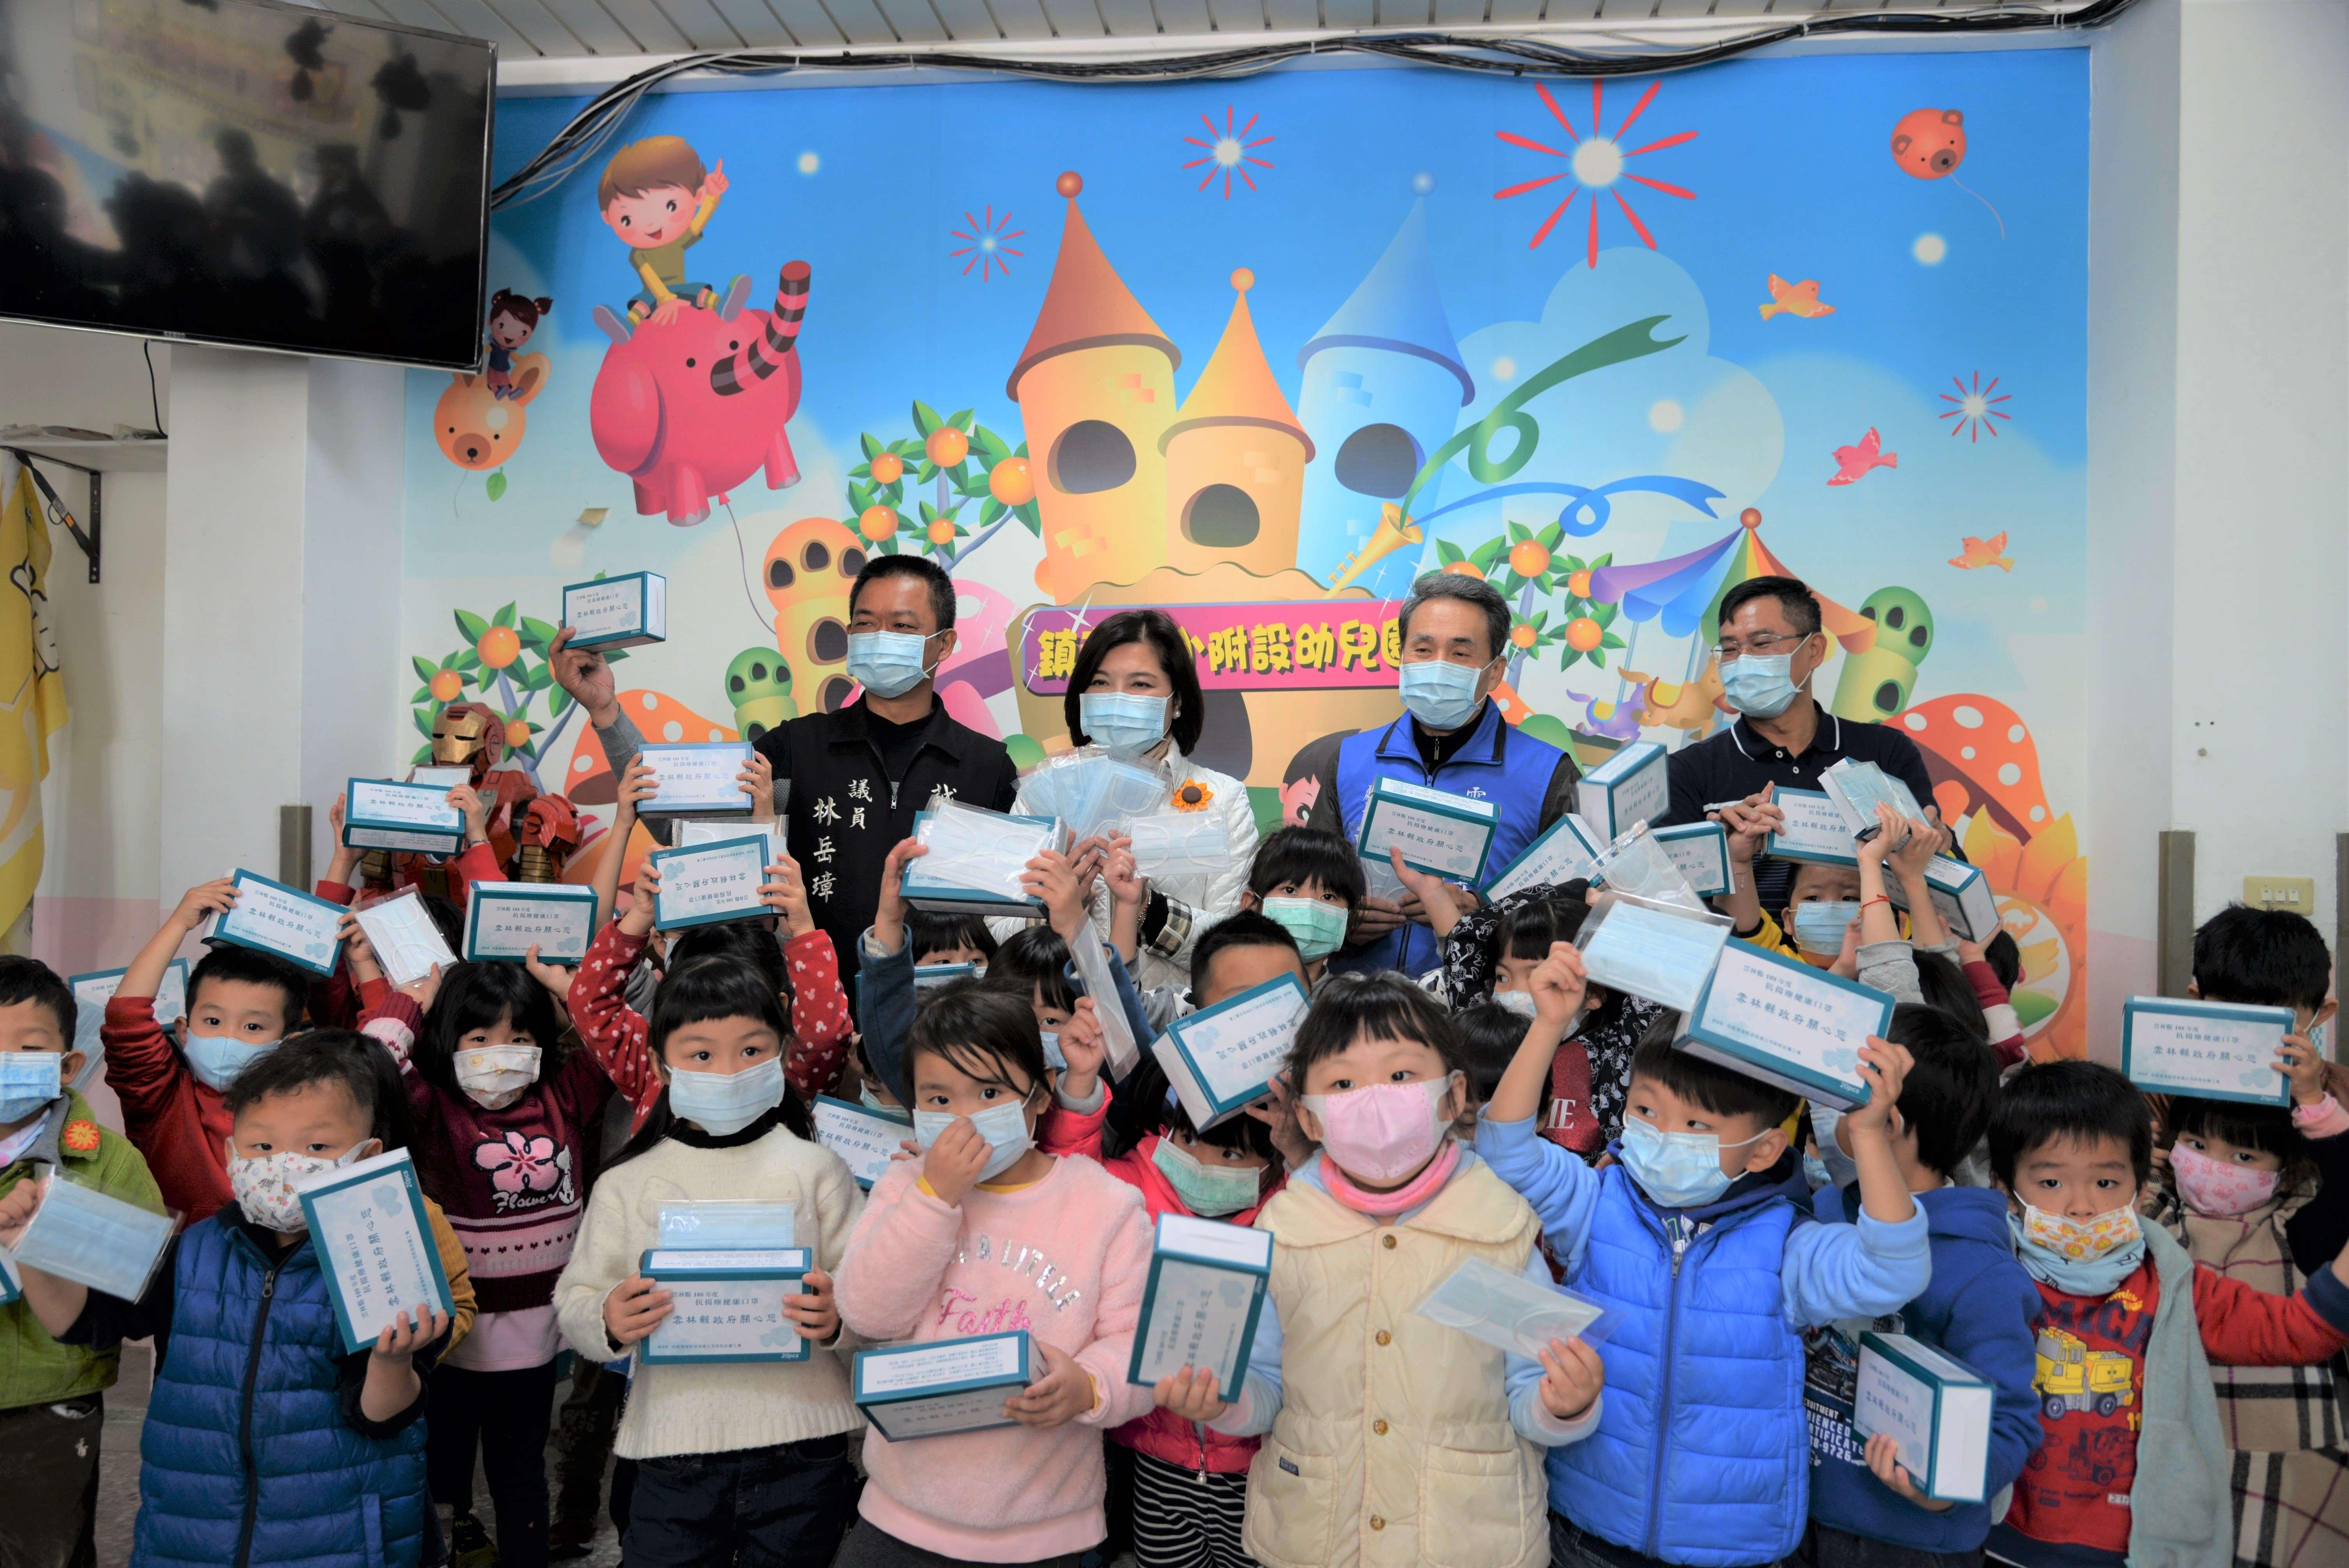 雲林縣公私立學校發放口罩 共防武漢肺炎